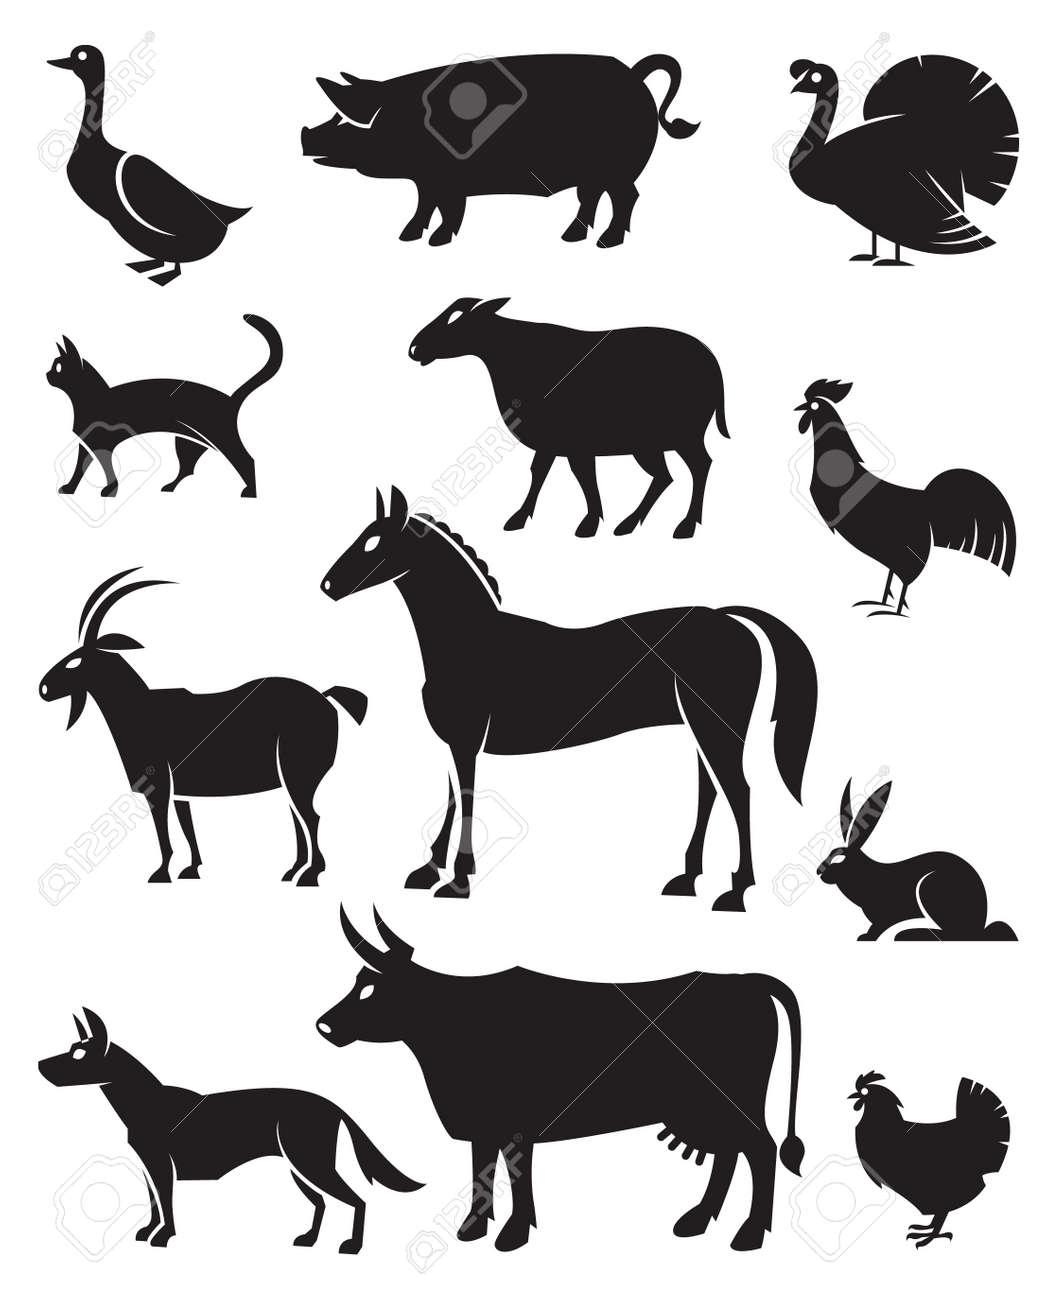 白黒 イラスト 動物